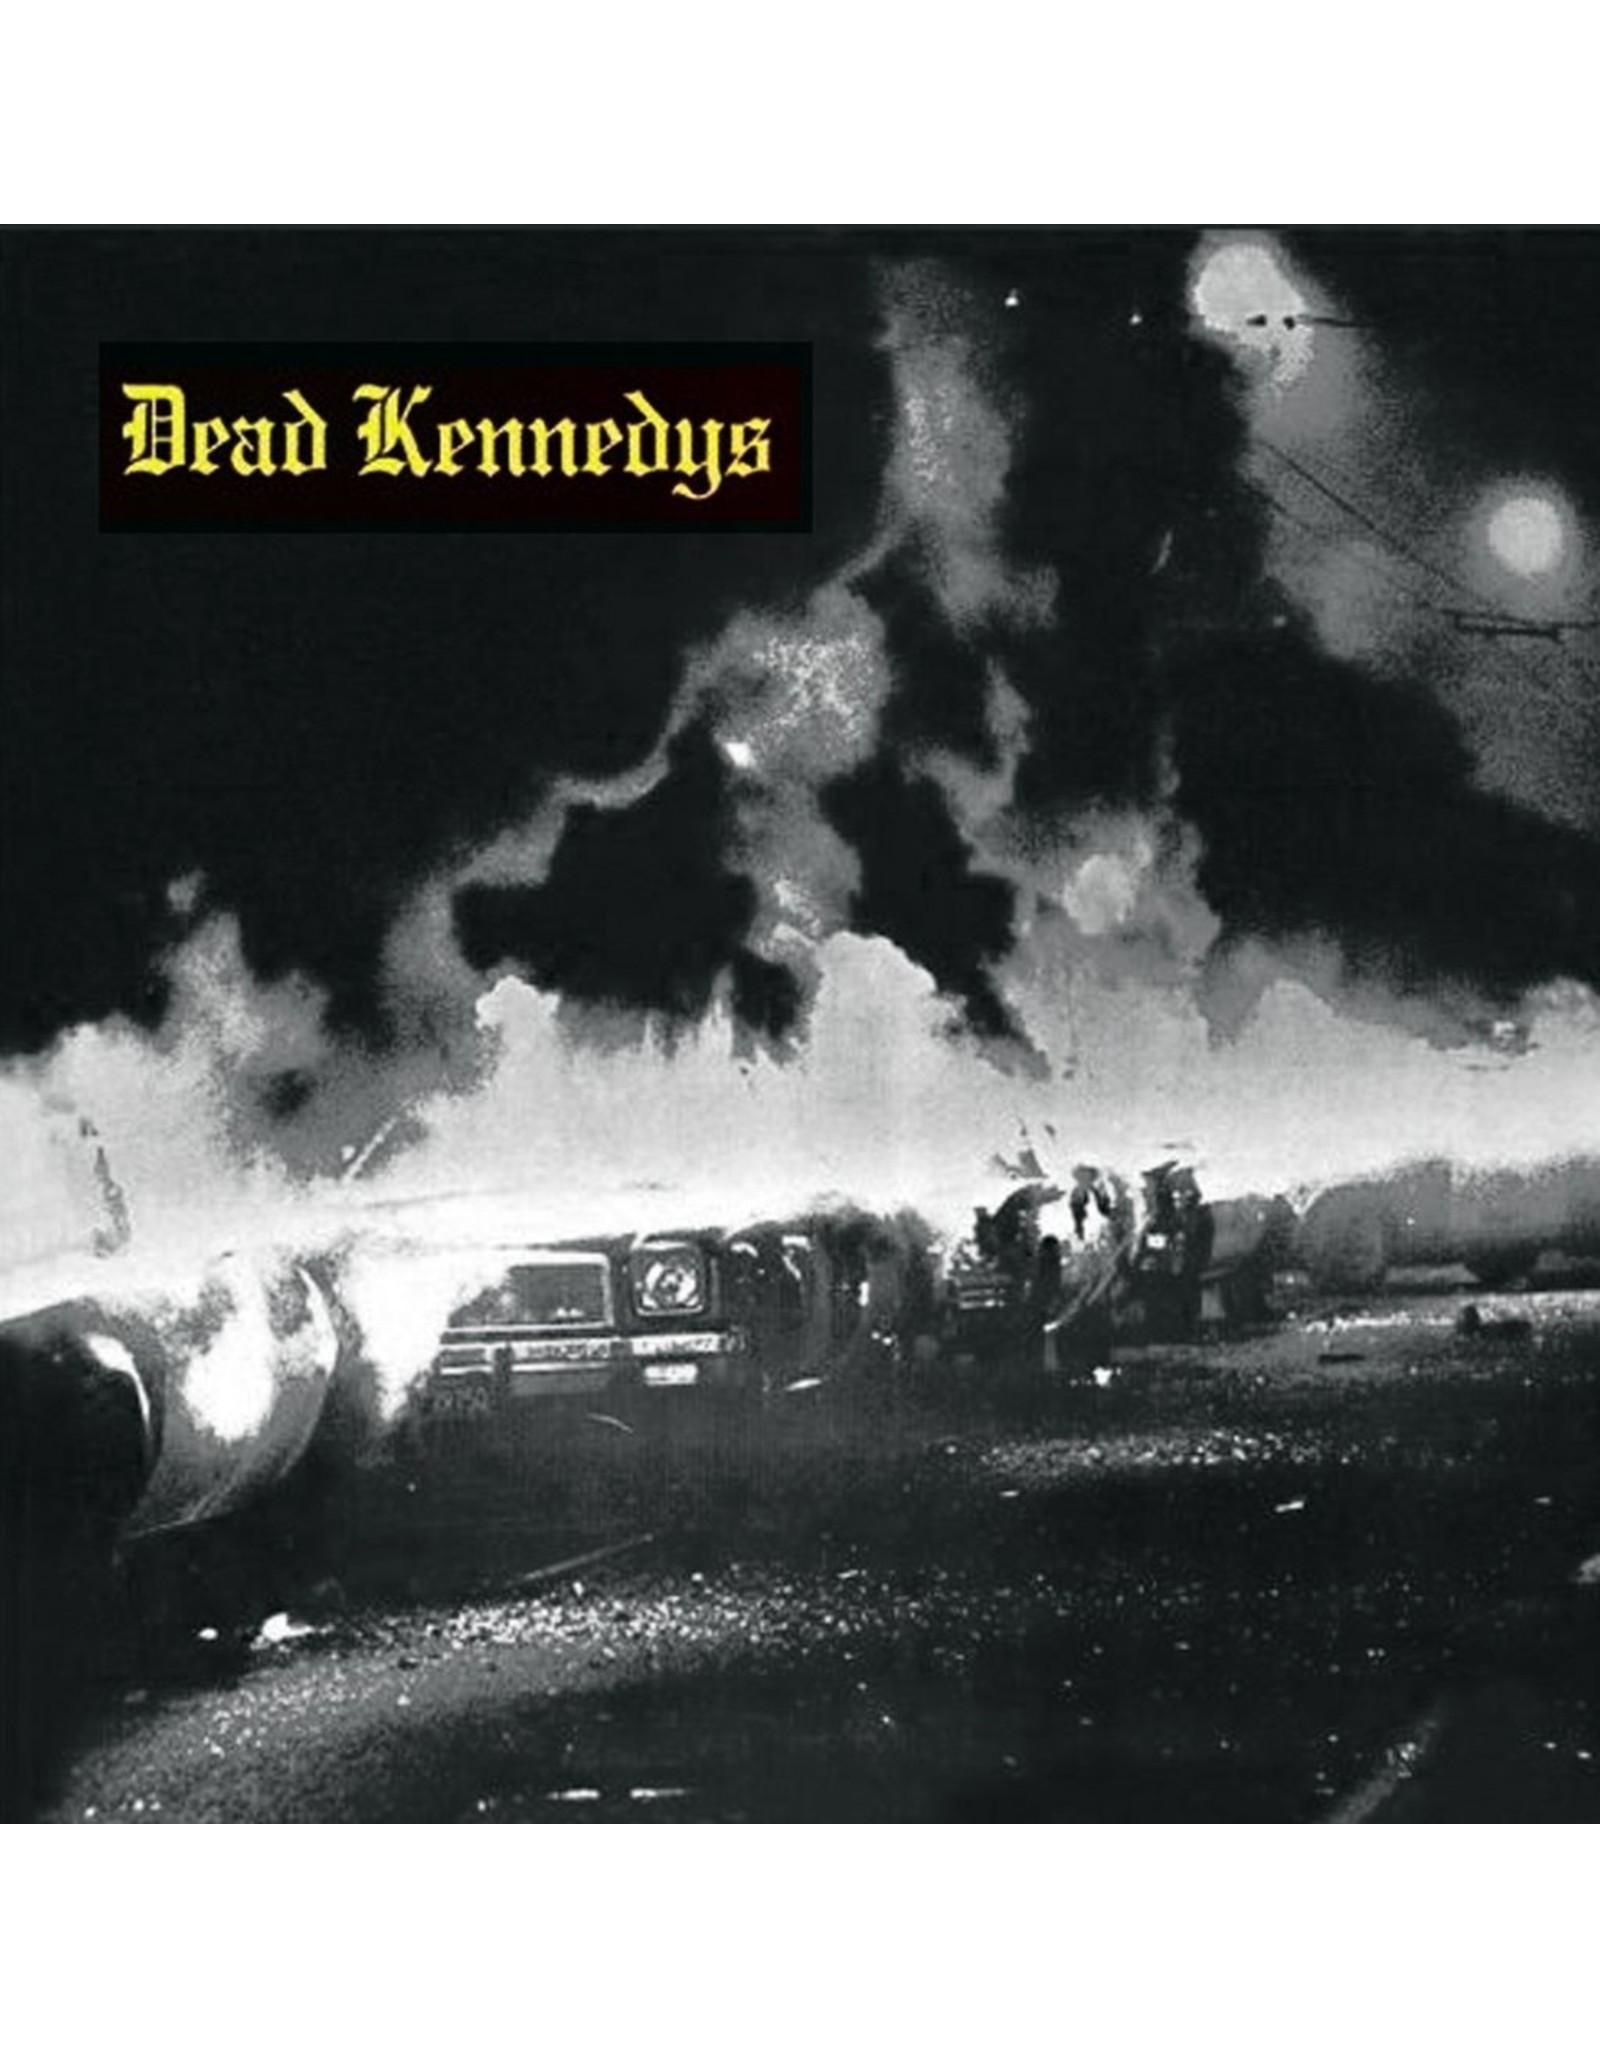 New Vinyl Dead Kennedys - Fresh Fruit For Rotting Vegetables LP